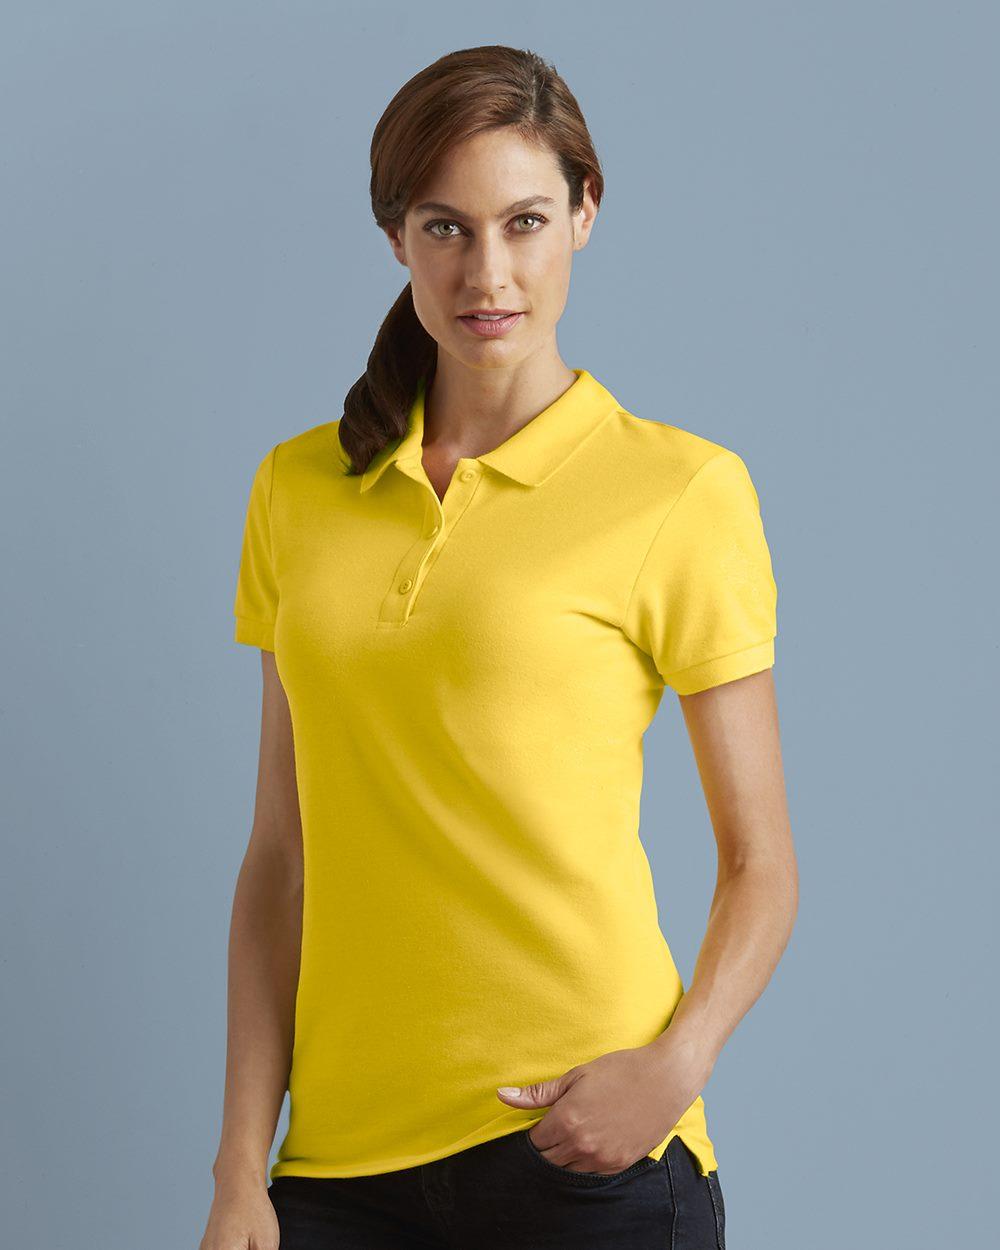 e4cc0b94 Gildan 82800L - Premium Cotton Women's Double Pique Sport Shirt ...